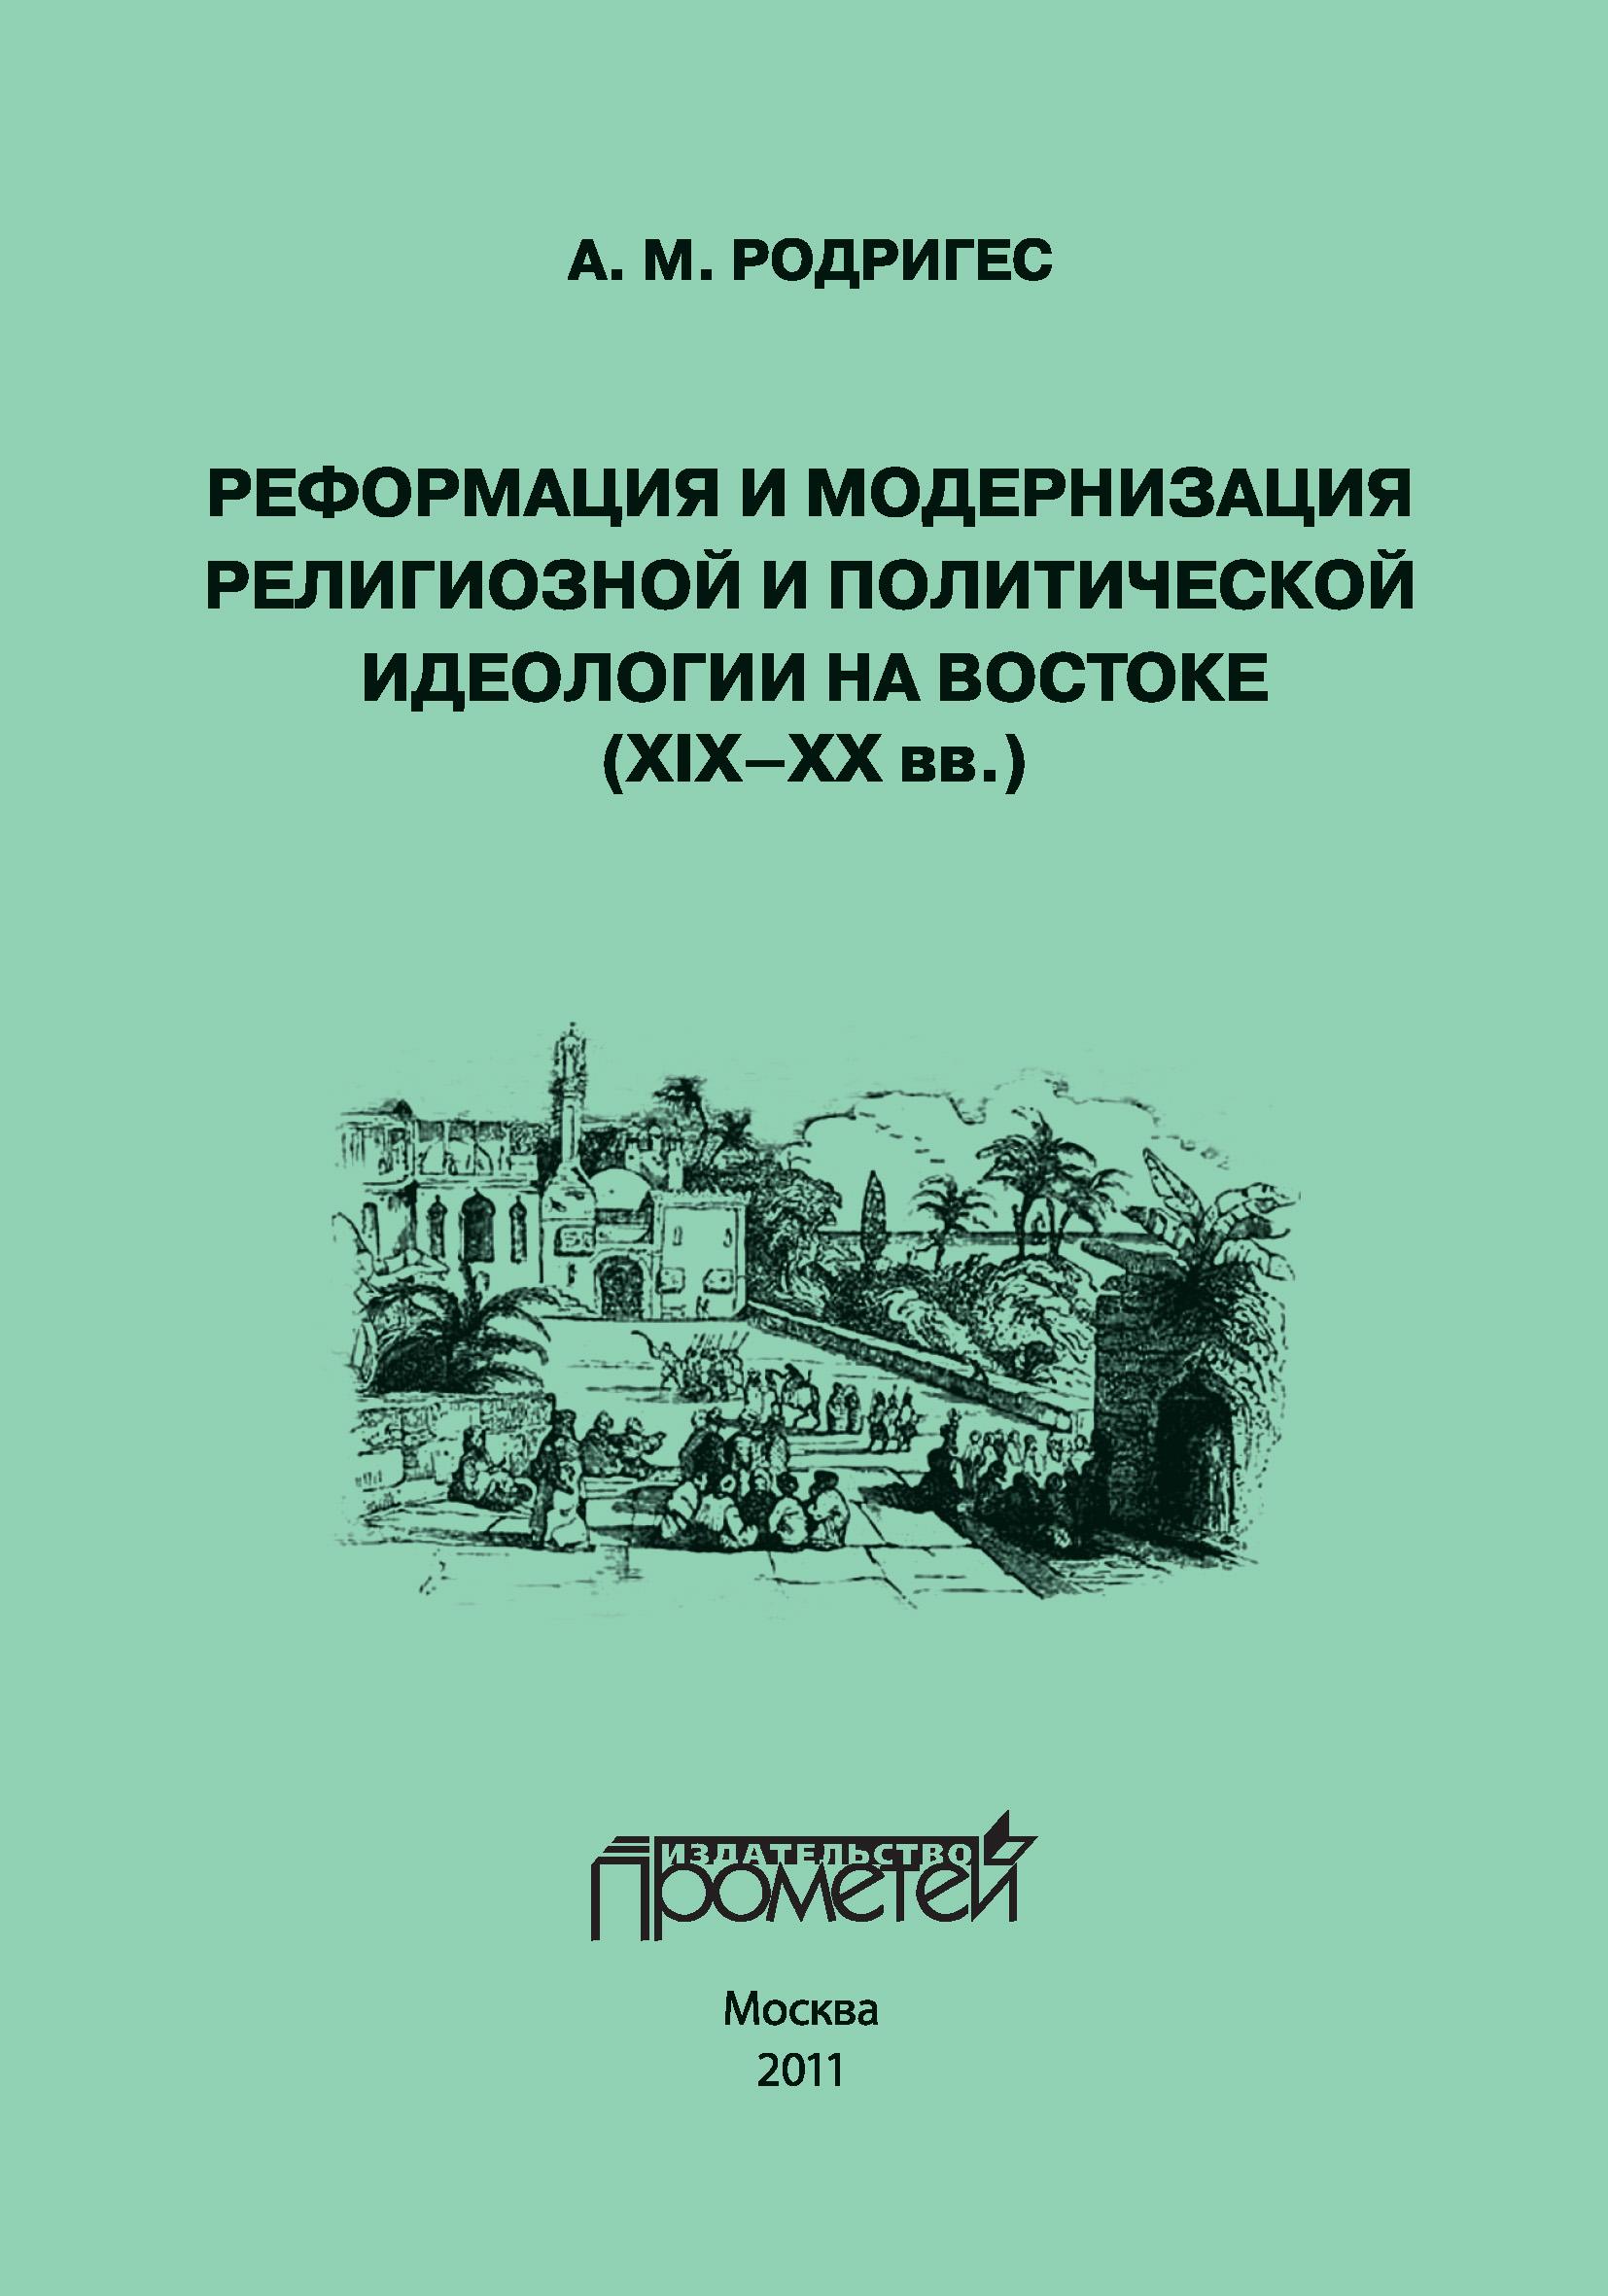 Реформация и модернизация религиозной и политической идеологии на Востоке (XIX-XX вв.)